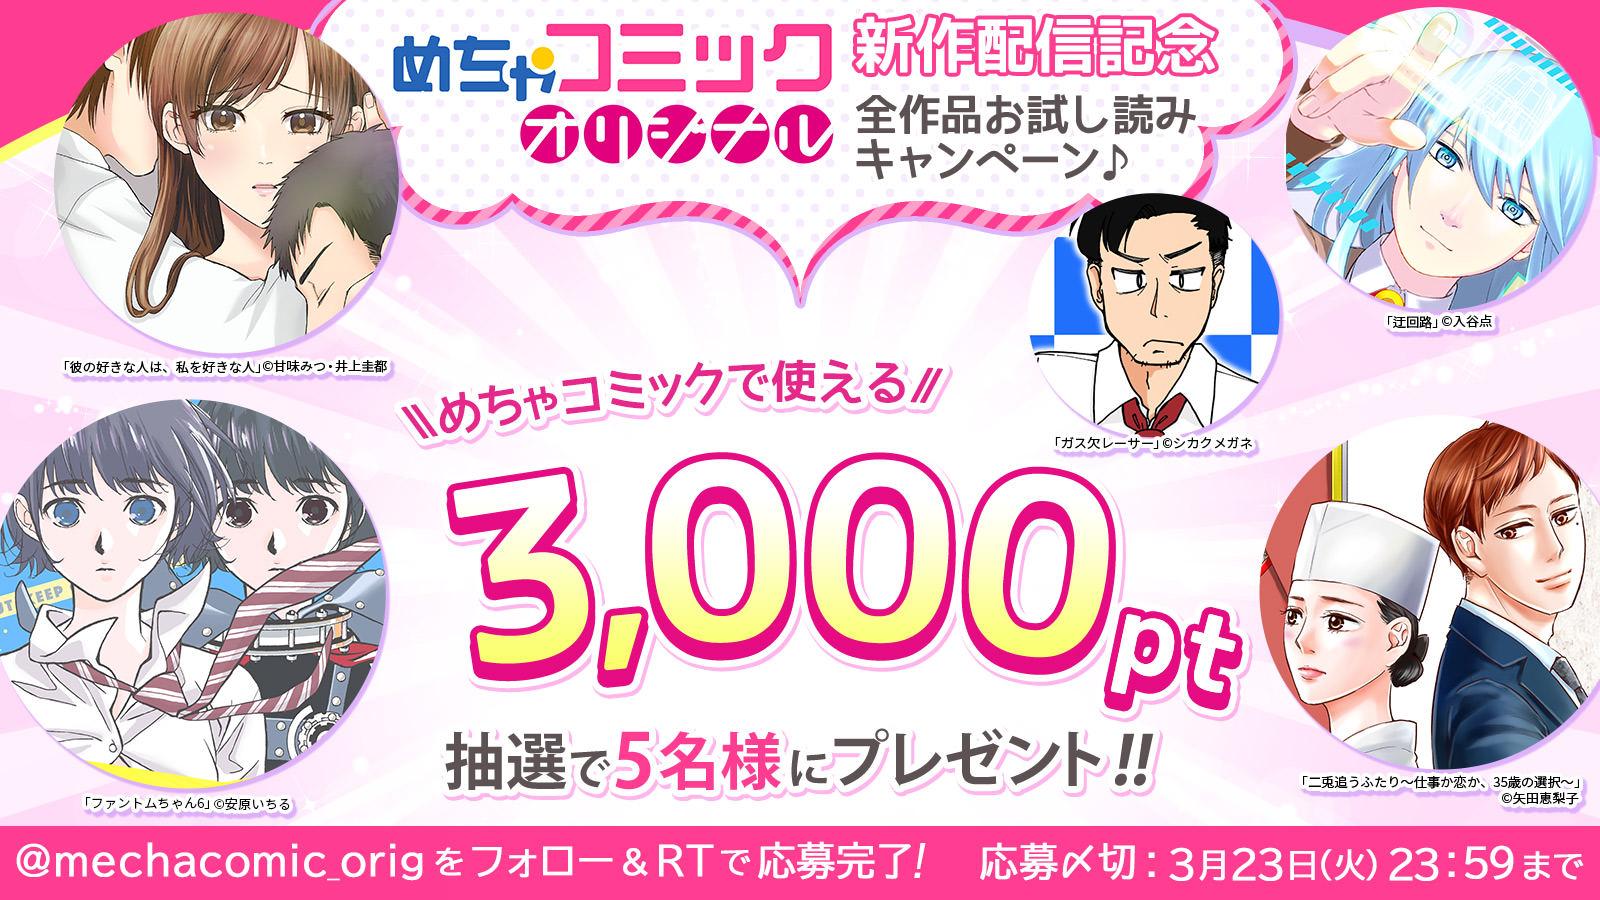 3/19新作配信記念!全作品お試し読み♪「#めちゃコミック」3,000pt #プレゼントCP